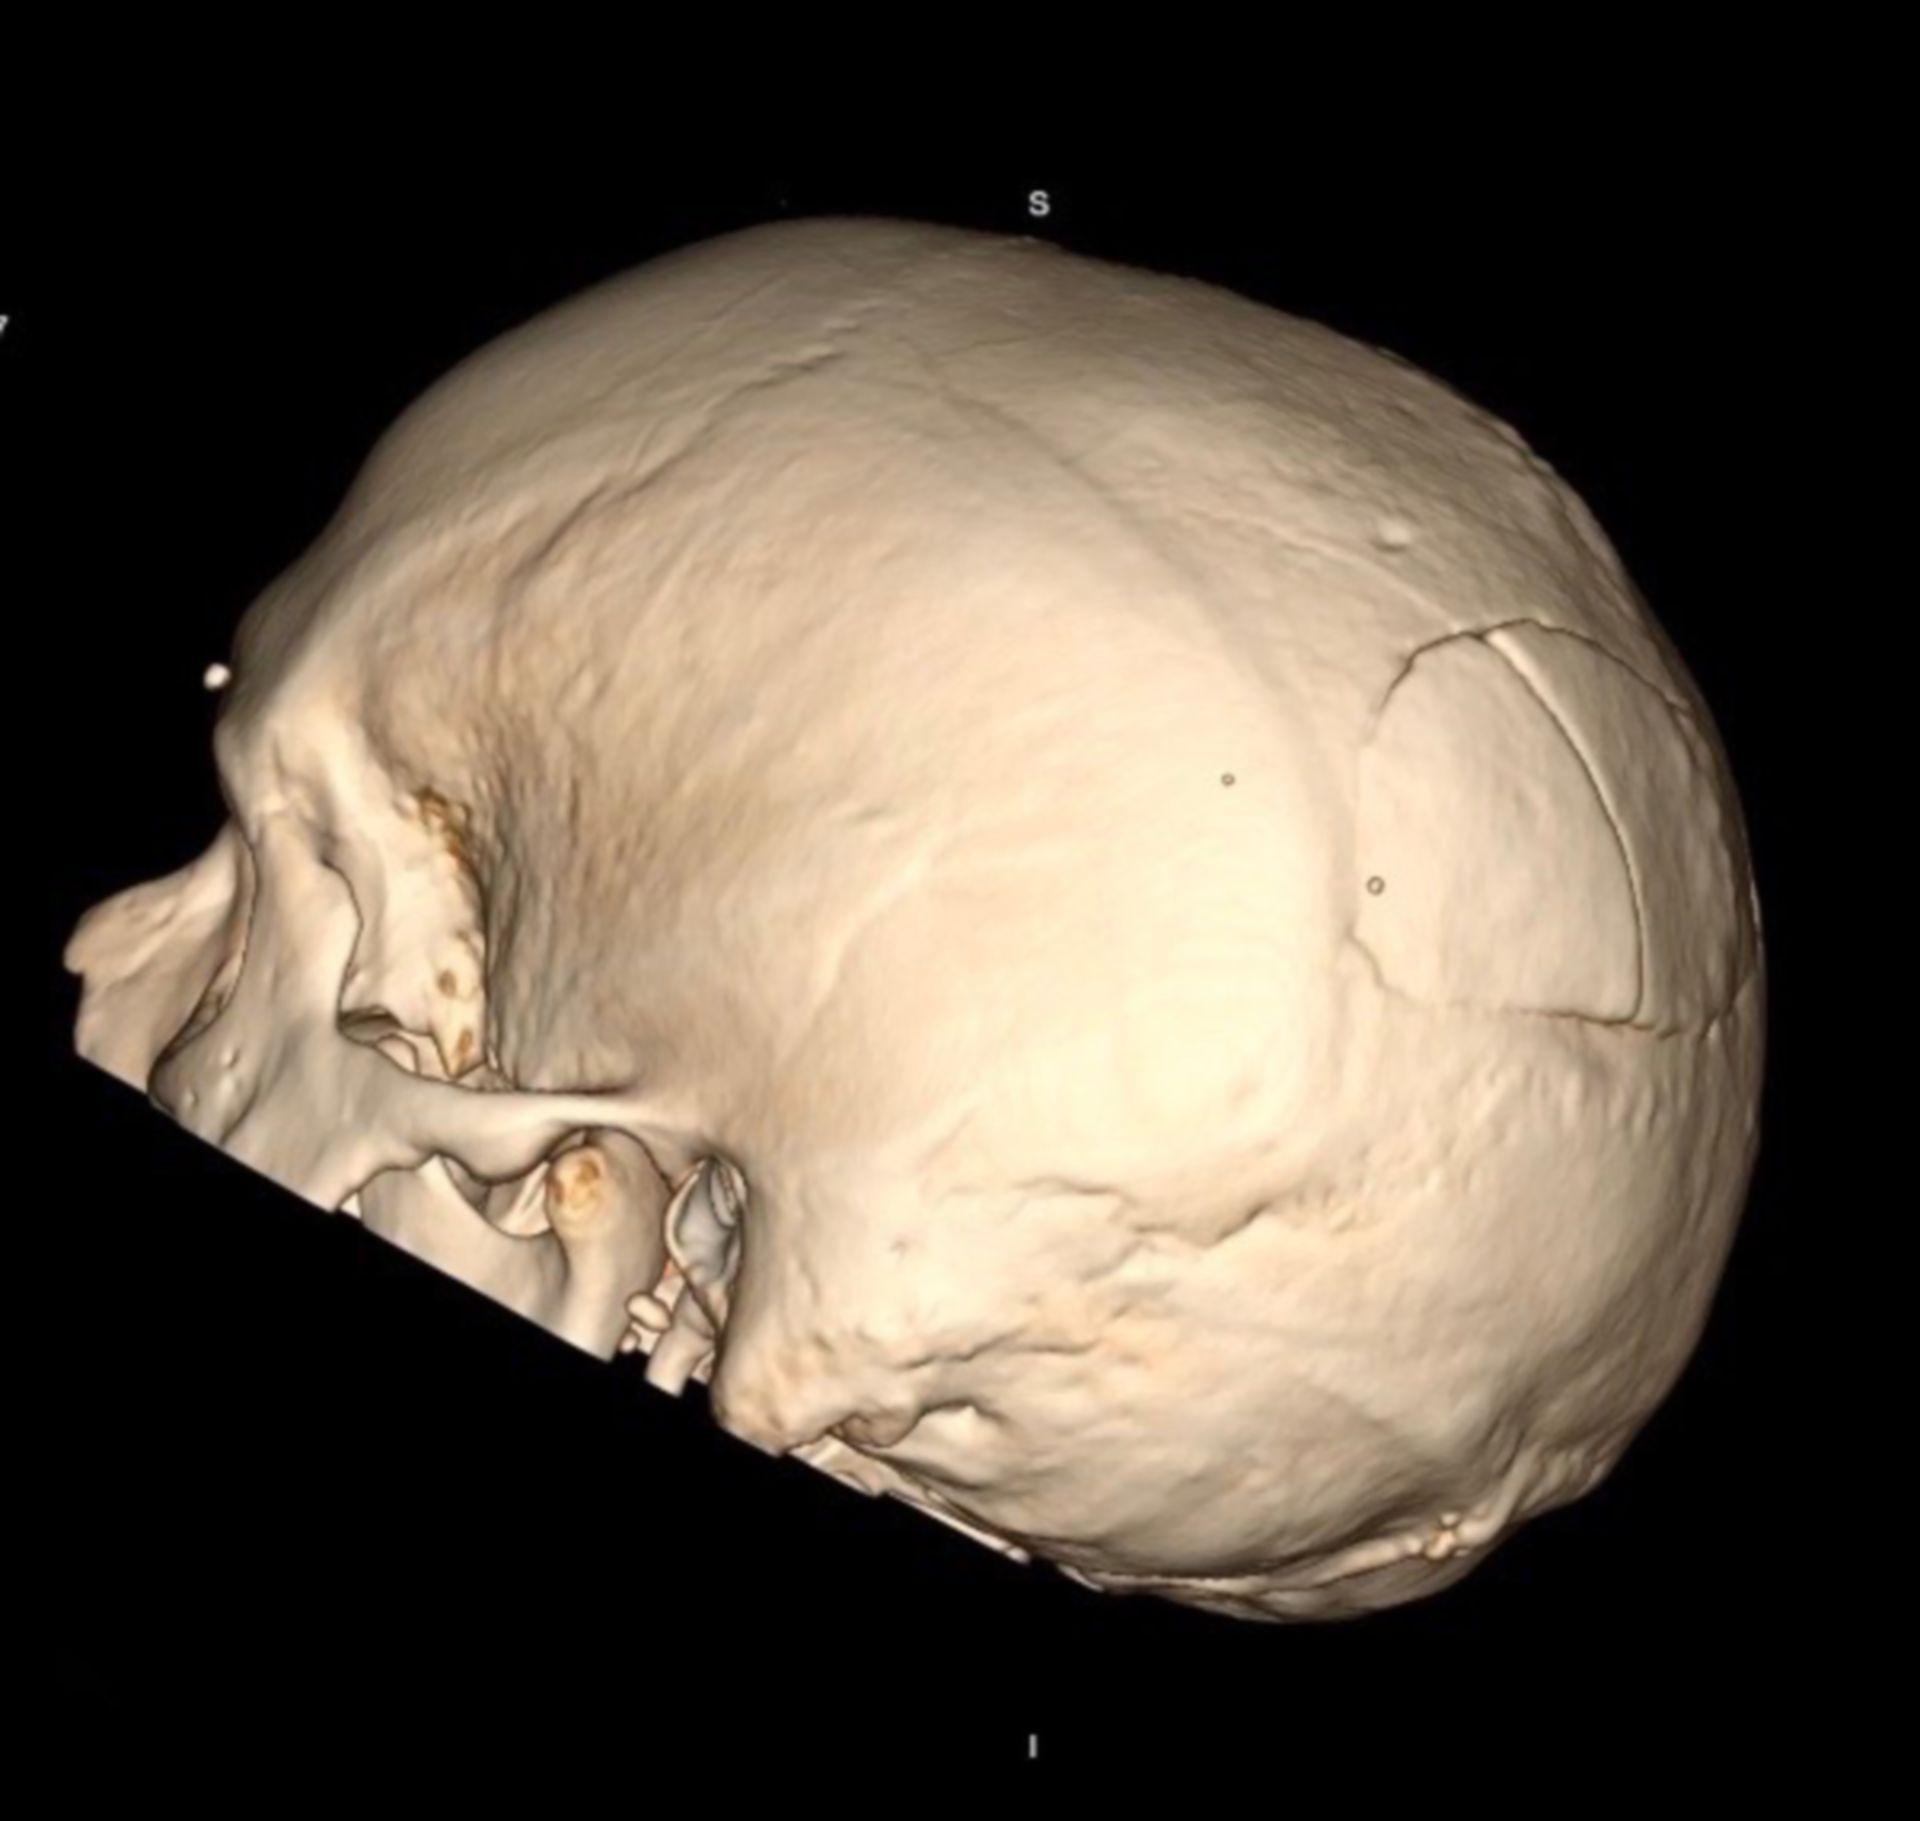 Frattura del cranio - sede temporale sinistra